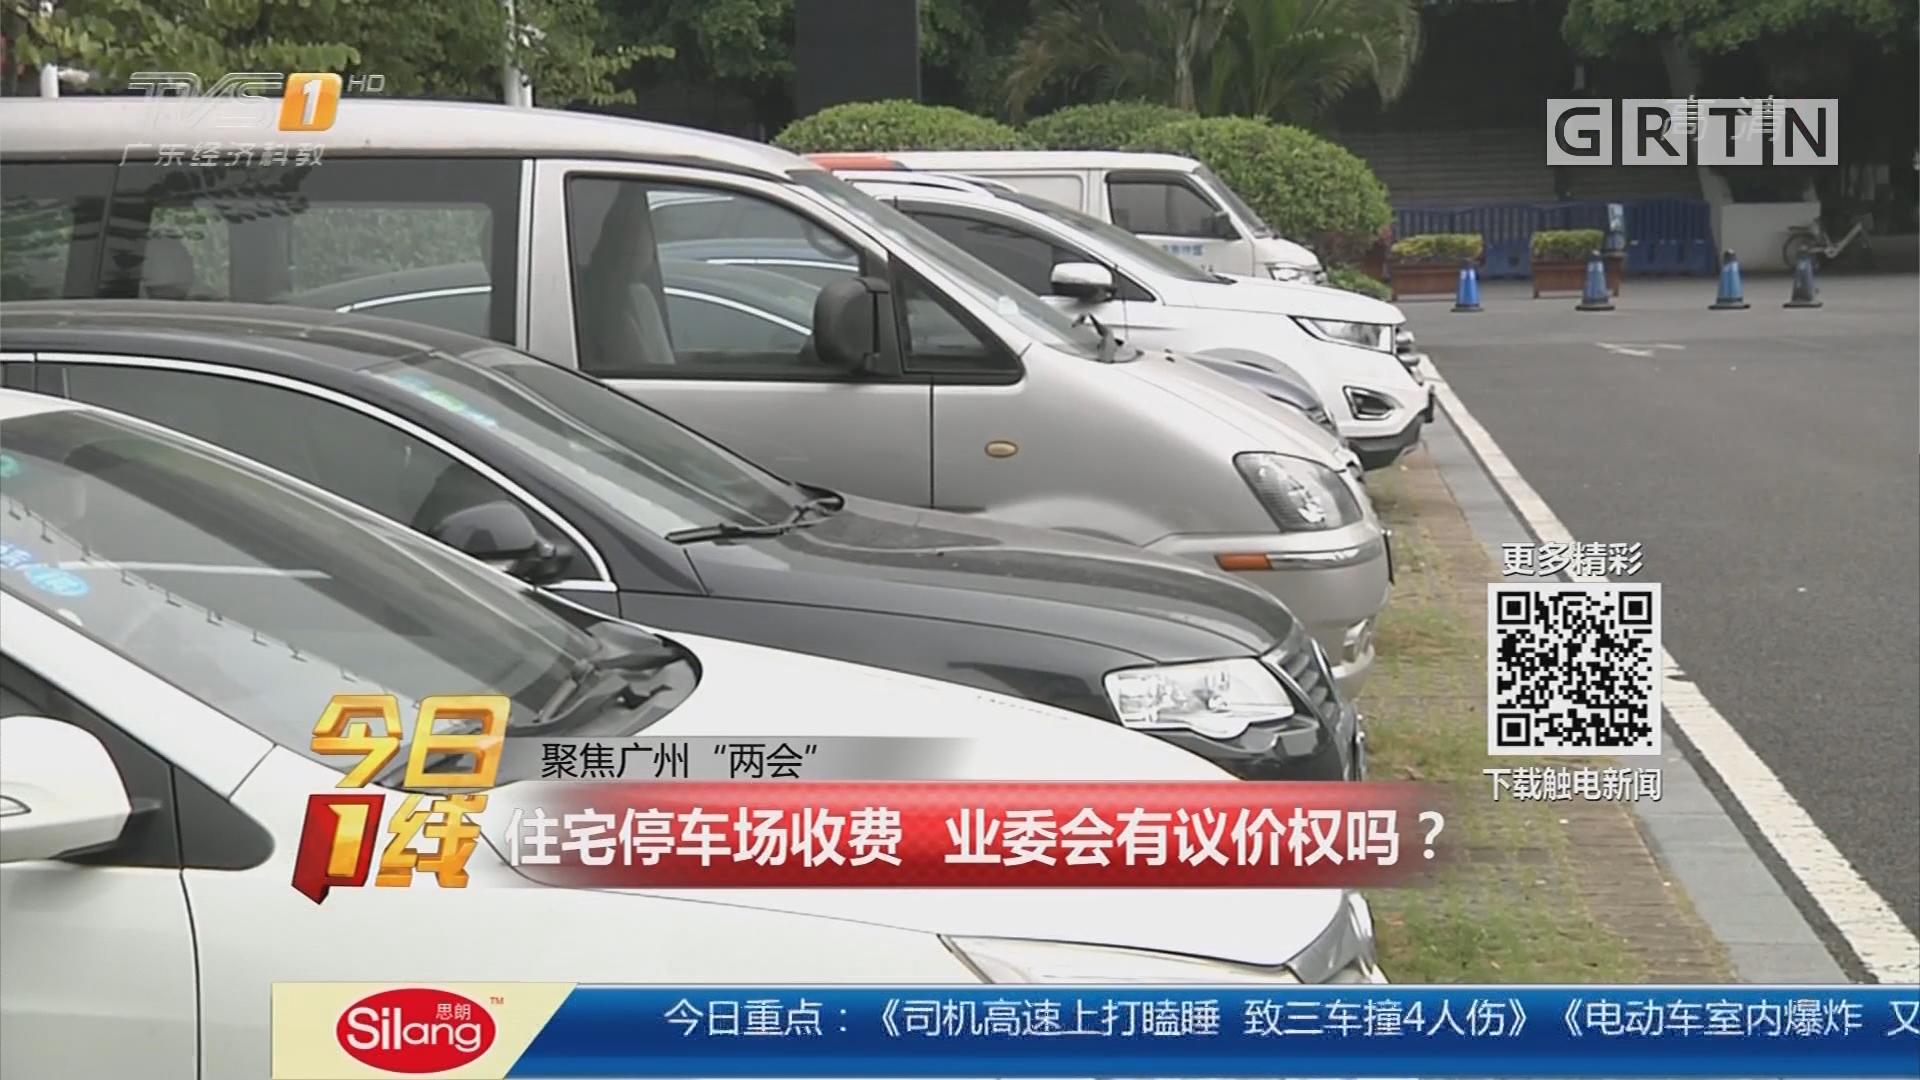 """聚焦广州""""两会"""":住宅停车场收费 业委会有议价权吗?"""